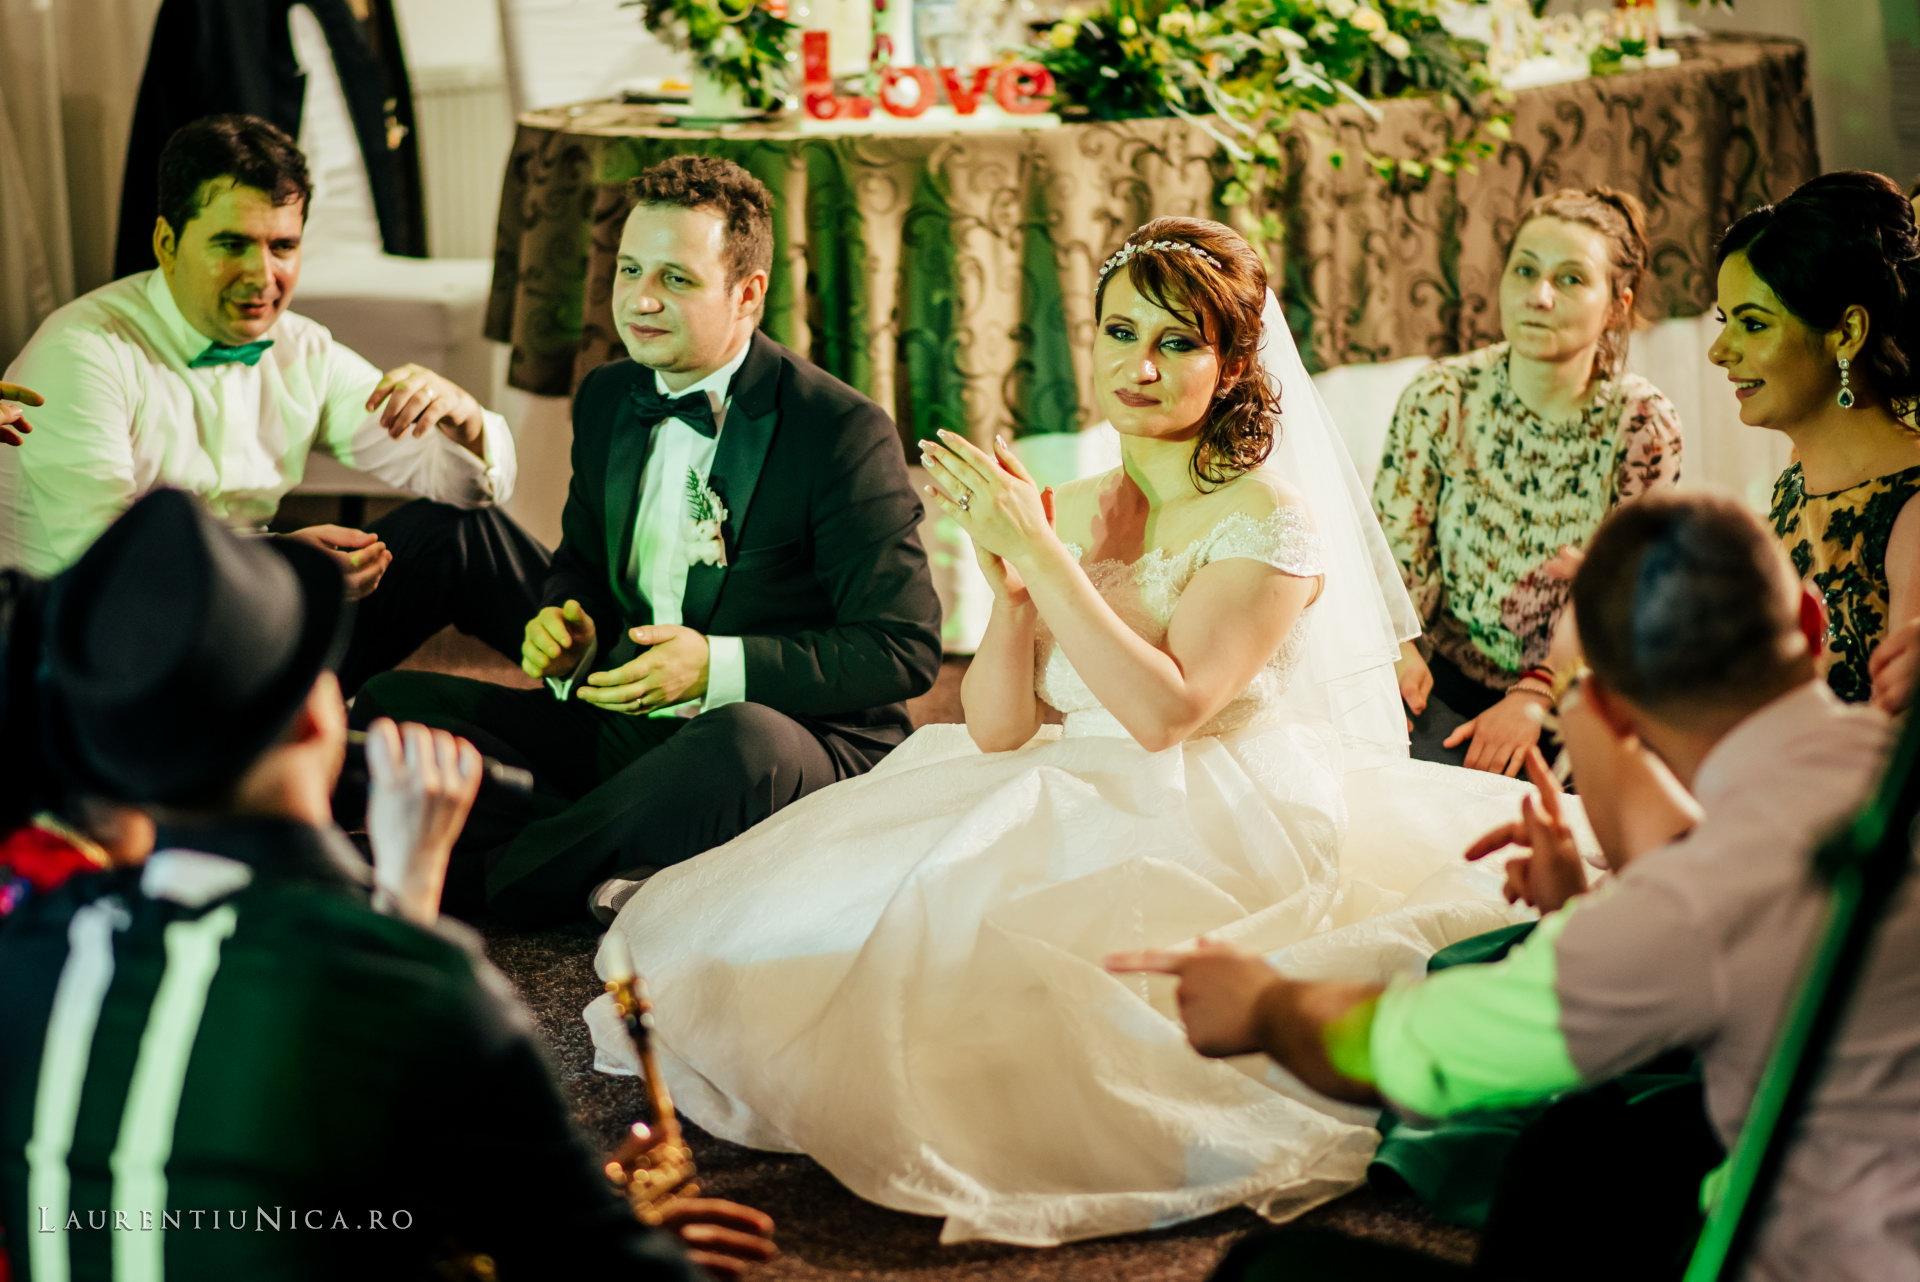 daniela si marius fotografii nunta craiova laurentiu nica61 - Daniela & Marius | Fotografii nunta